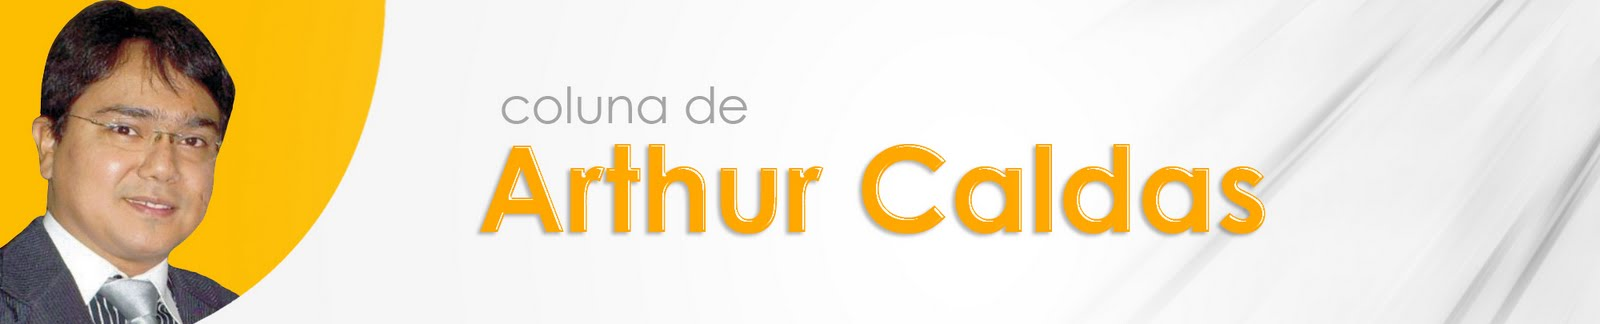 Arthur Caldas